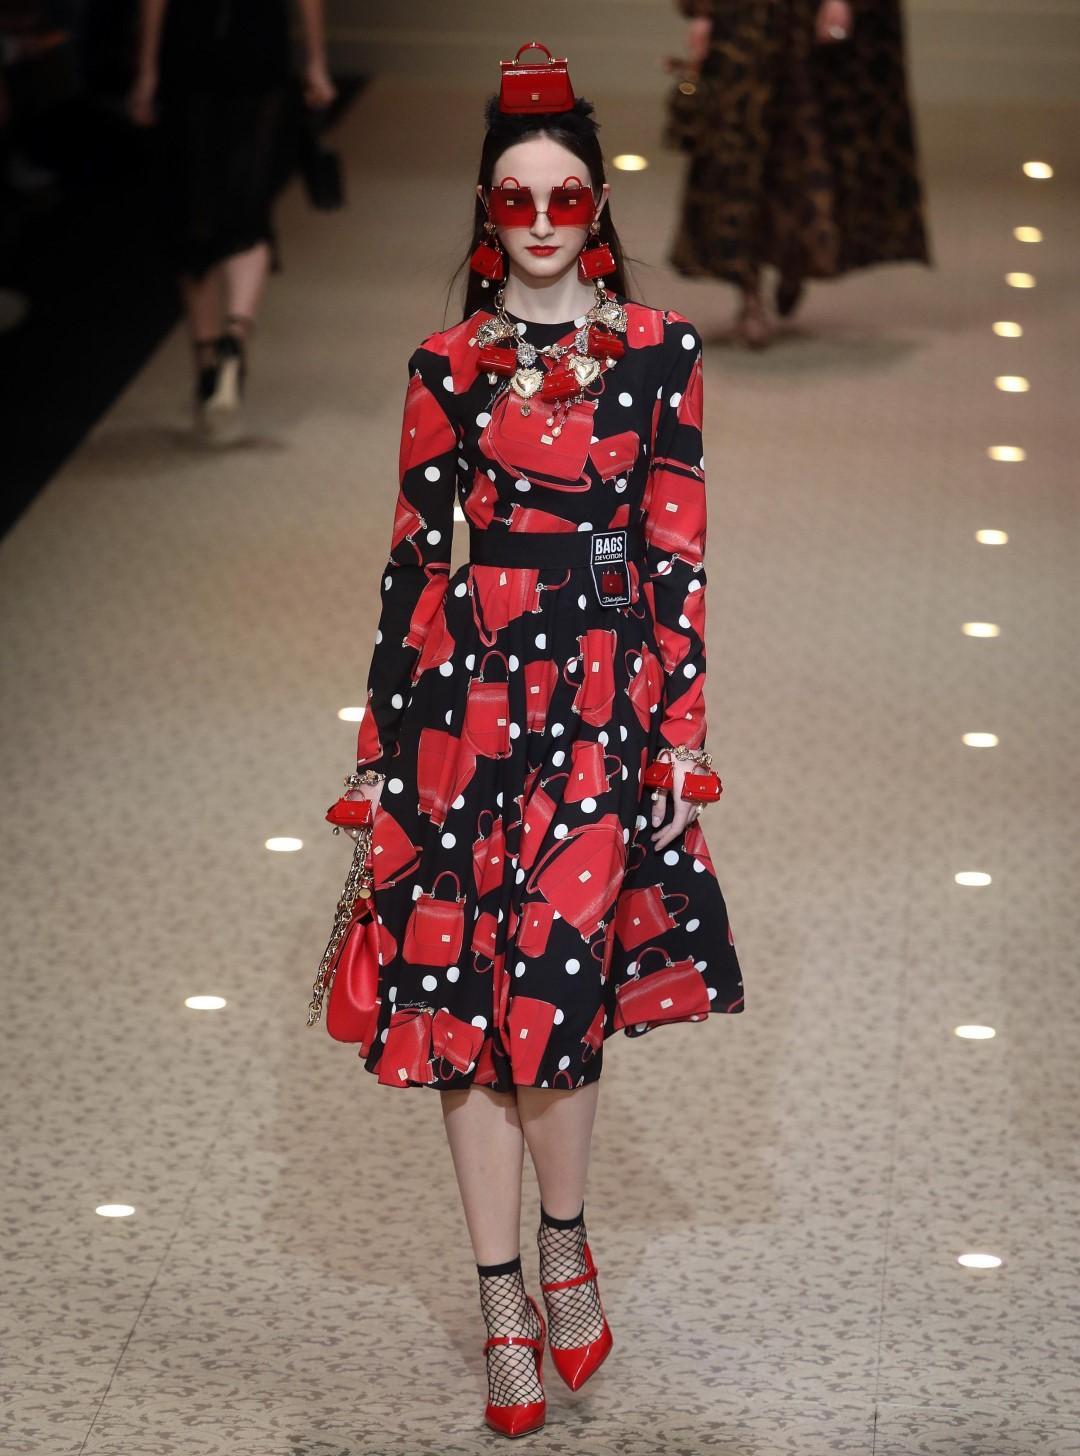 Milano Moda Donna: in passerella colori, droni e urban chic